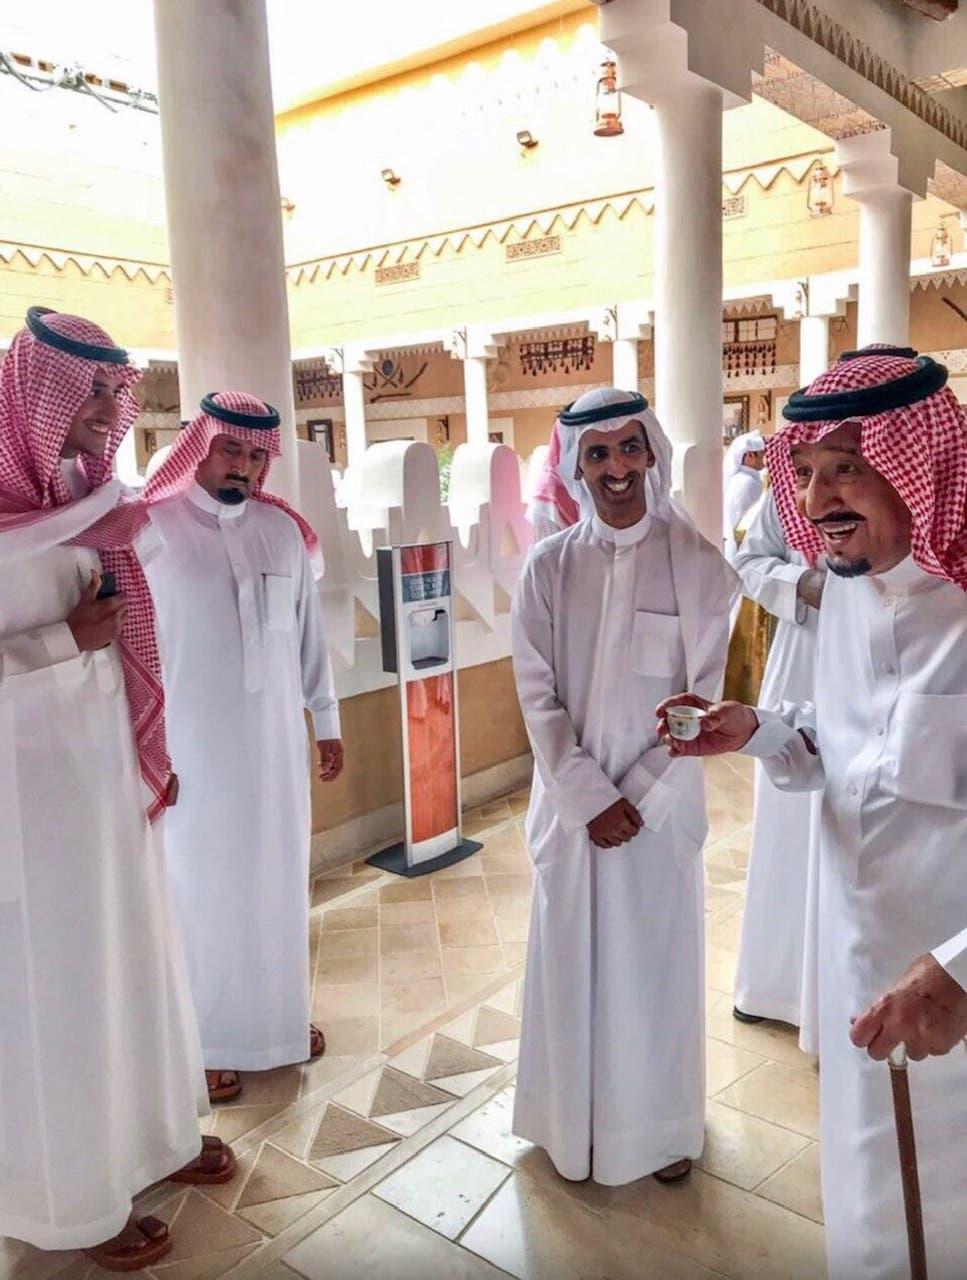 Saudi Al-Awja palace in Ad-Diriyah 9 (Supplied)